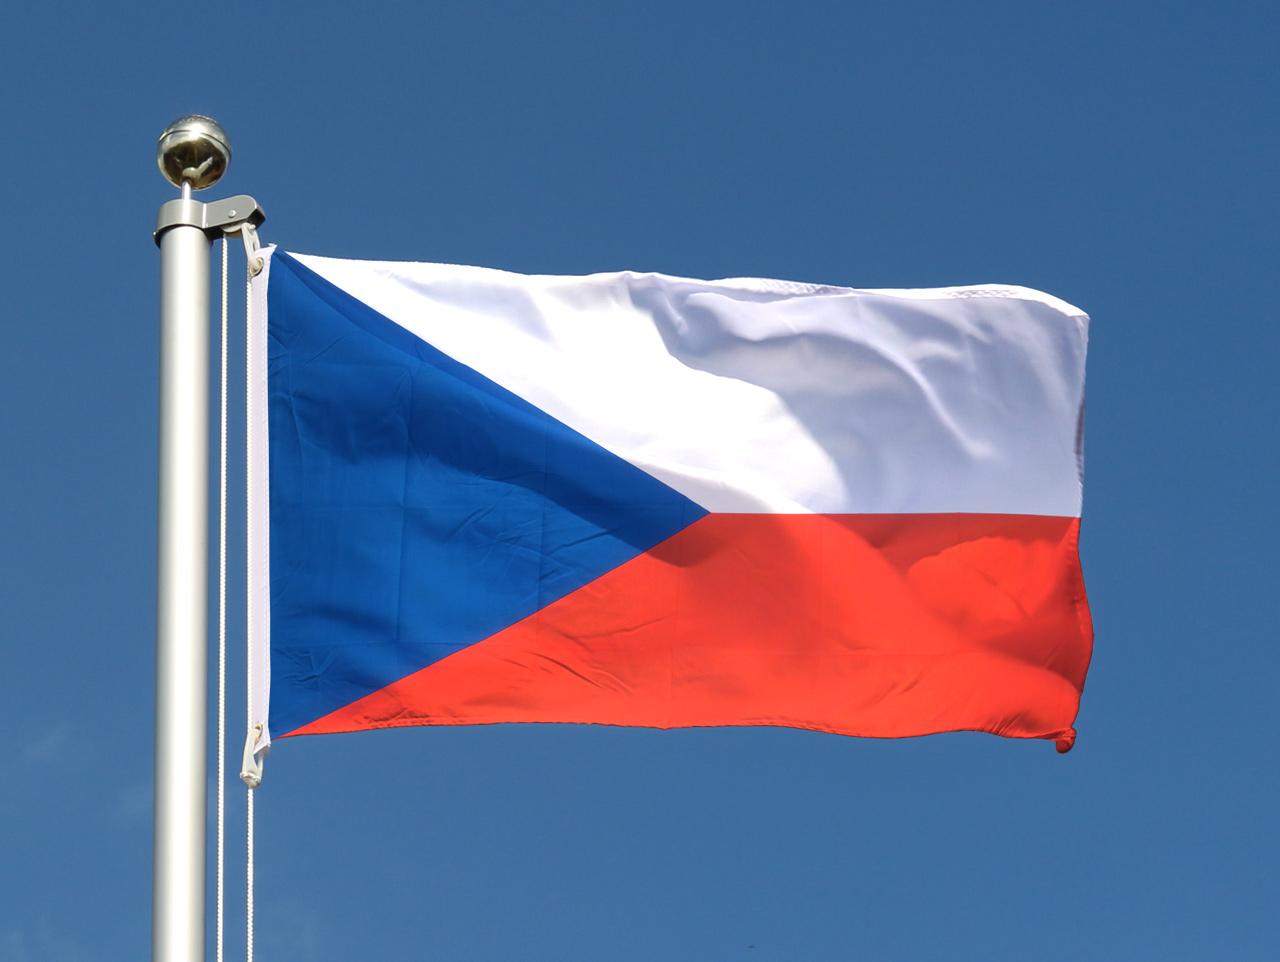 Tschechien Flagge - Tschechische Fahne kaufen ...